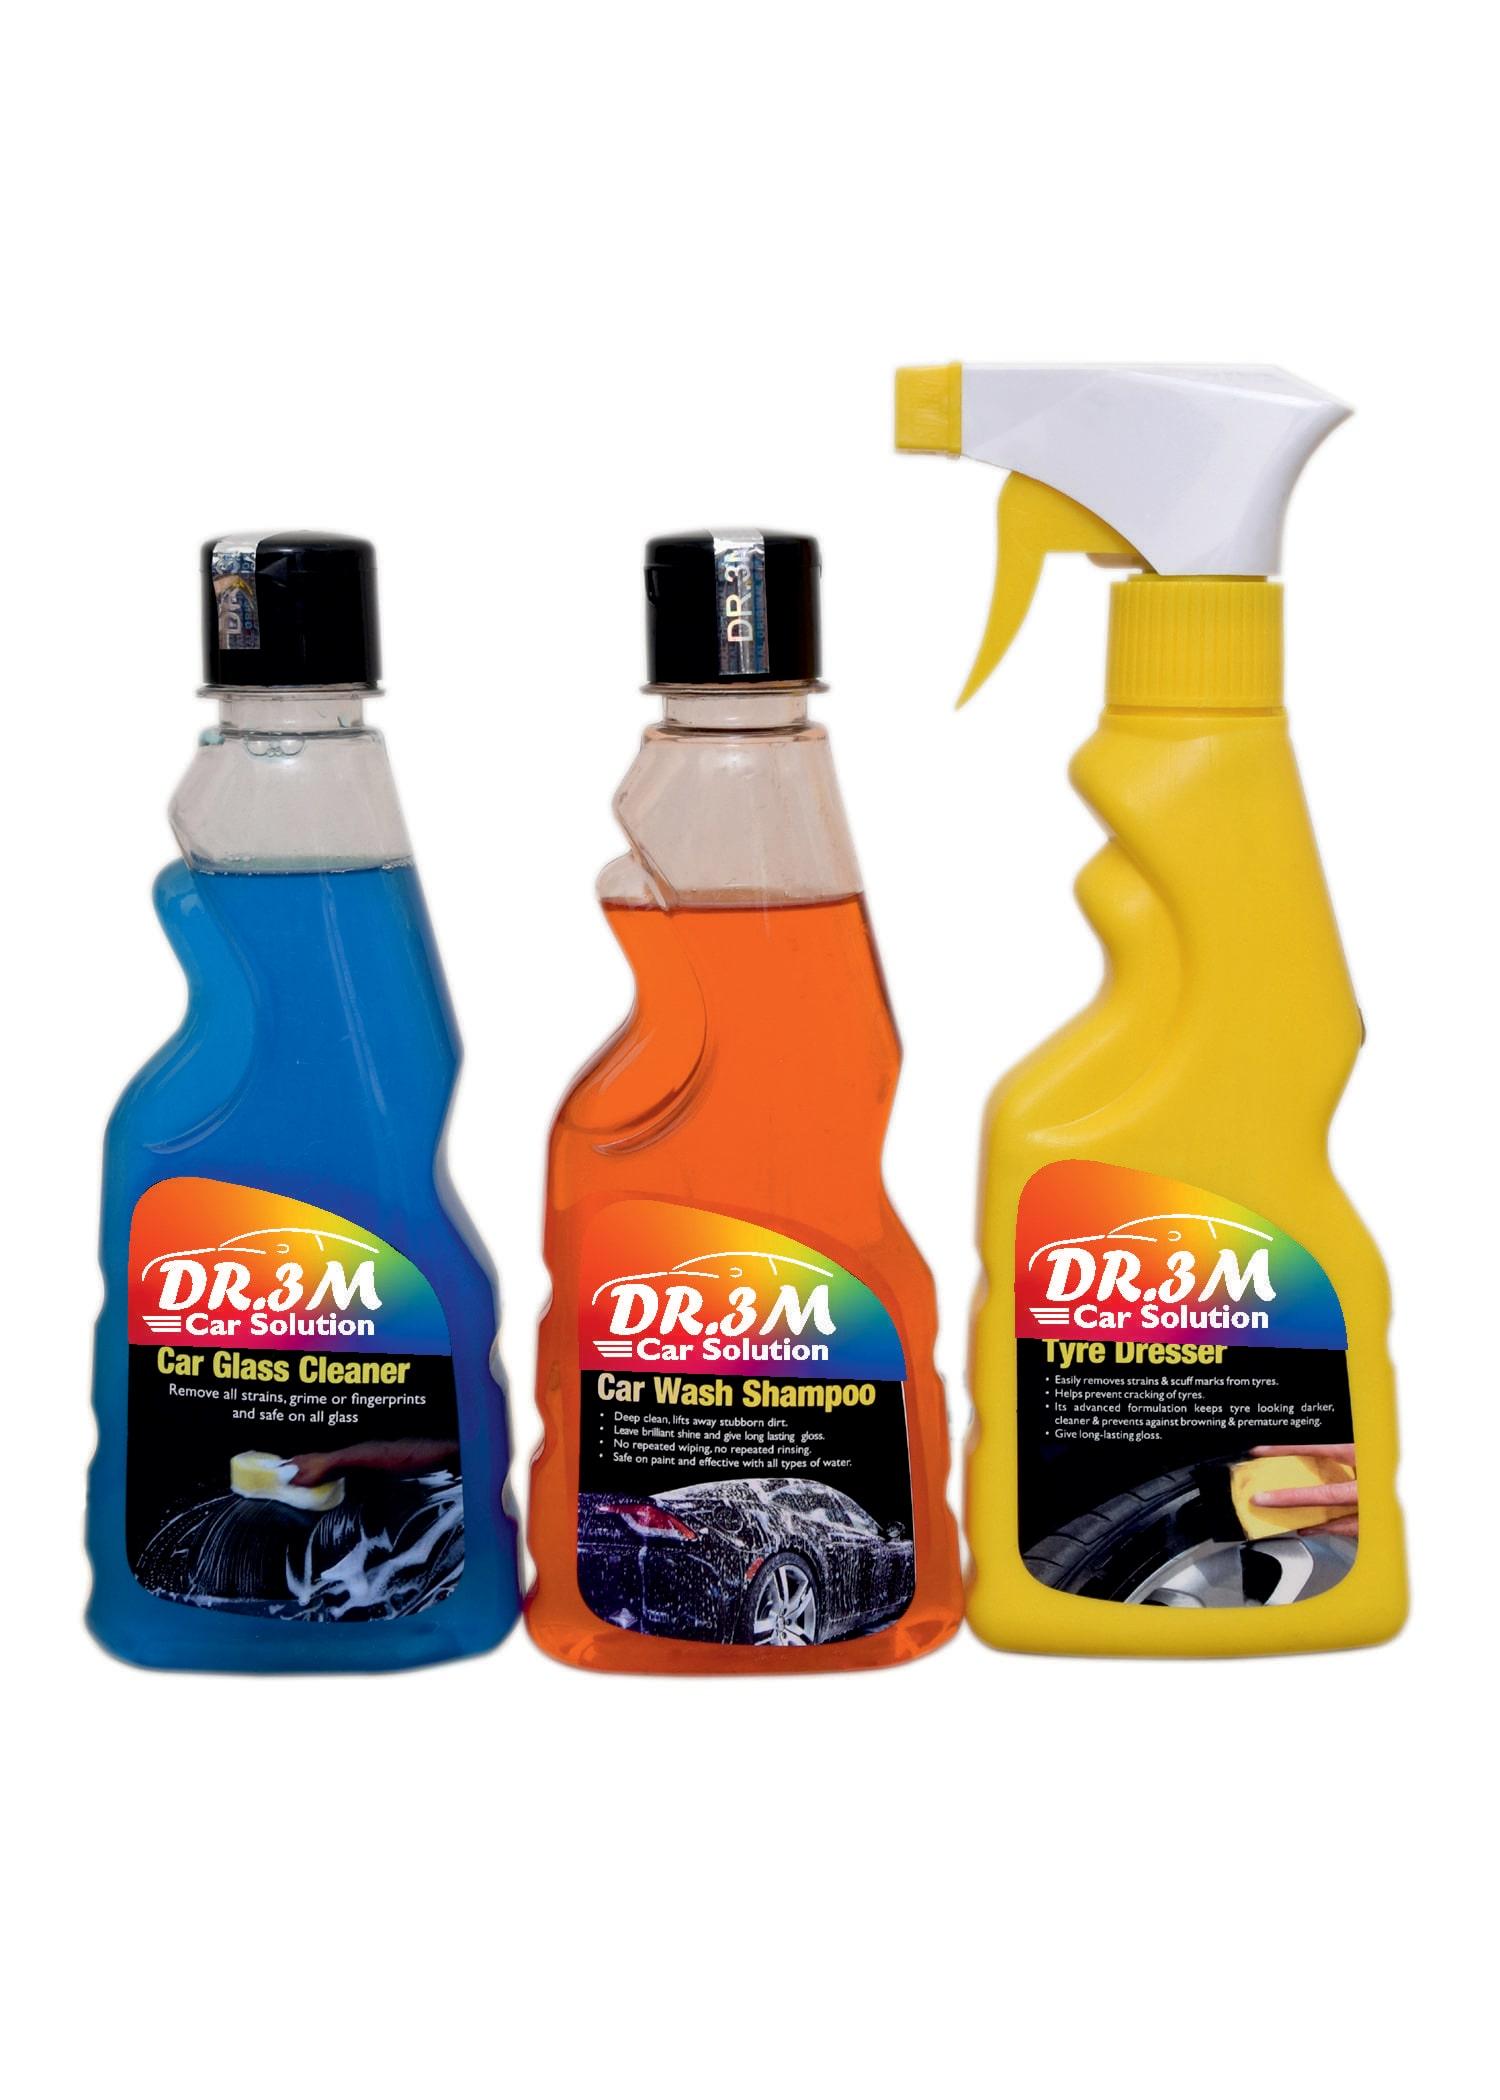 CAR GLASS CLEANER 250ml.+ CAR TYRE POLISH 250ml.+ CAR WASH SHAMPOO 250ml. by DR3M